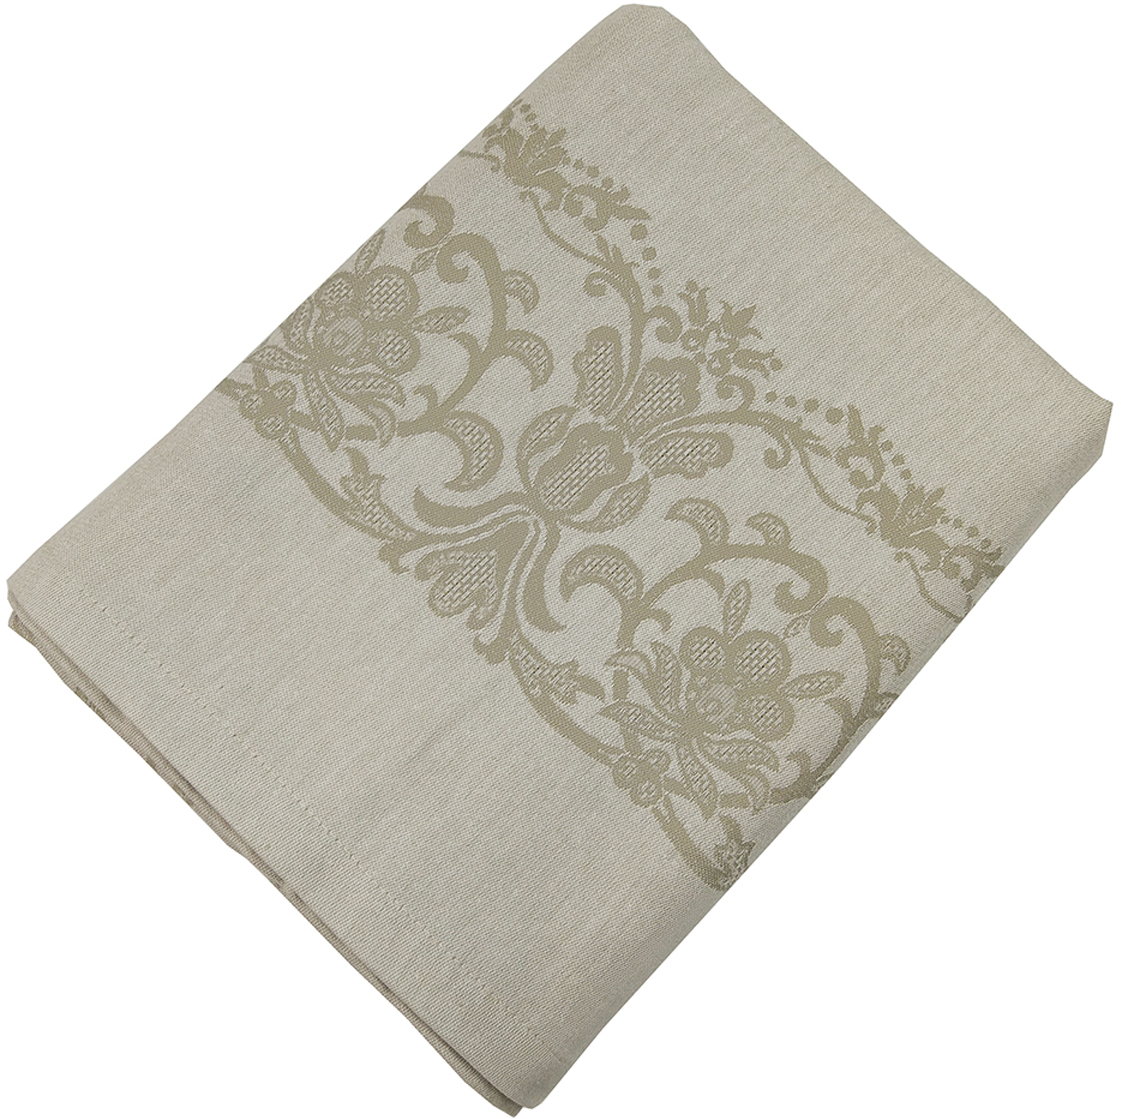 Скатерть Arloni Viola, прямоугольная, 150 х 250 см. 8041.2ARL8041.2ARLПрямоугольная скатерть Arloni Viola изготовлена из натуральной плотной испанской ткани (100% хлопок). Высокие экологические свойства ткани позволяют использовать изделие не только в качестве декоративного оформления, но и для сервировки обеденного стола. Скатерть хорошо сочетается с другими элементами кухонного текстиля и имеет универсальный размер. Красиво смотрится как на круглом, овальном, так и на прямоугольном столе.